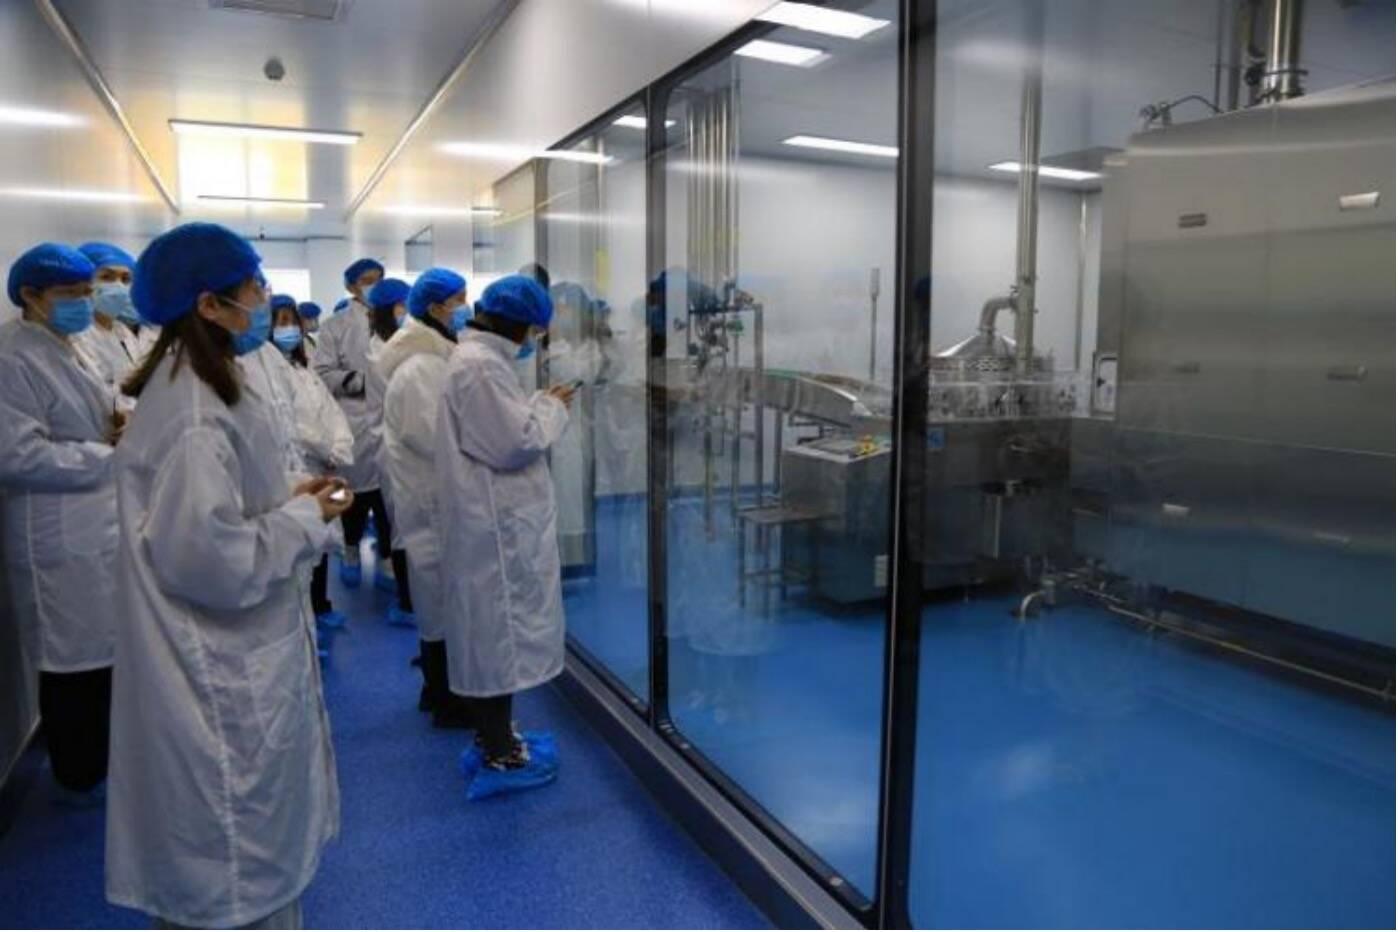 新动能·新山东 药效好又环保!石药集团将打造山东乃至全国最大的生物和抗肿瘤基地